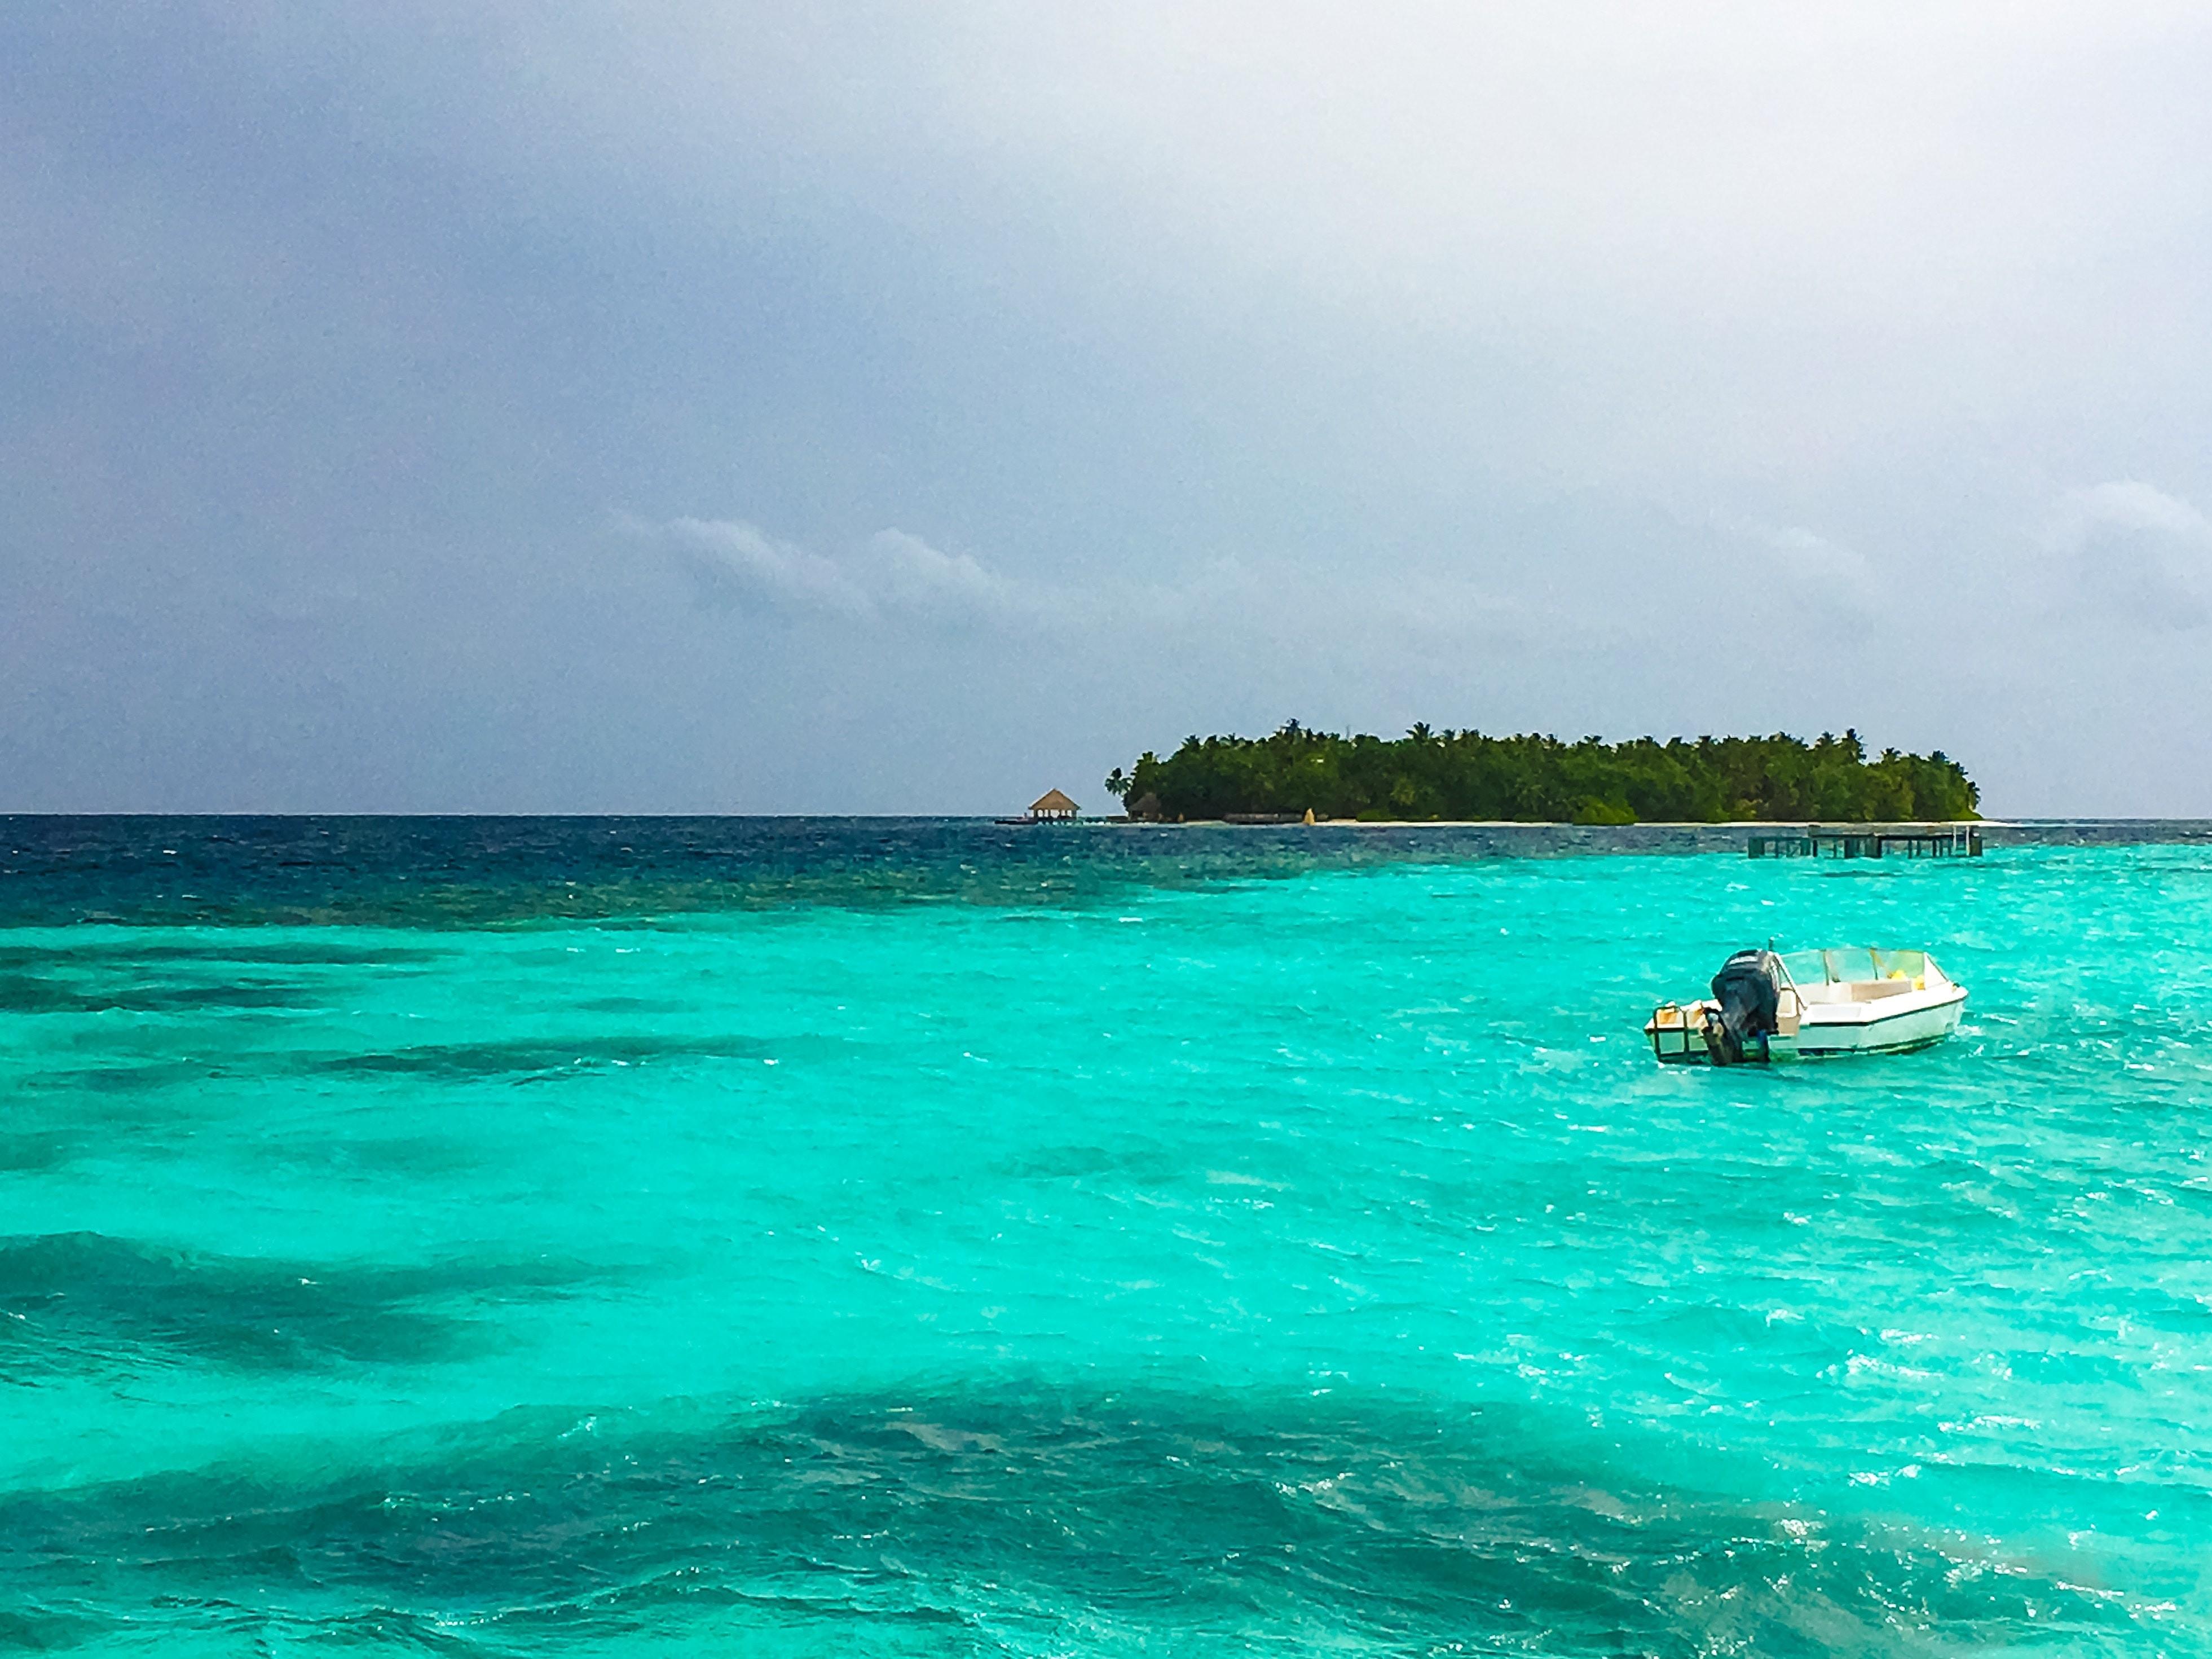 Pesquisadores afirmam que as Ilhas Maldivas têm uma grande quantidade de microplásticos (Foto: Pexels)